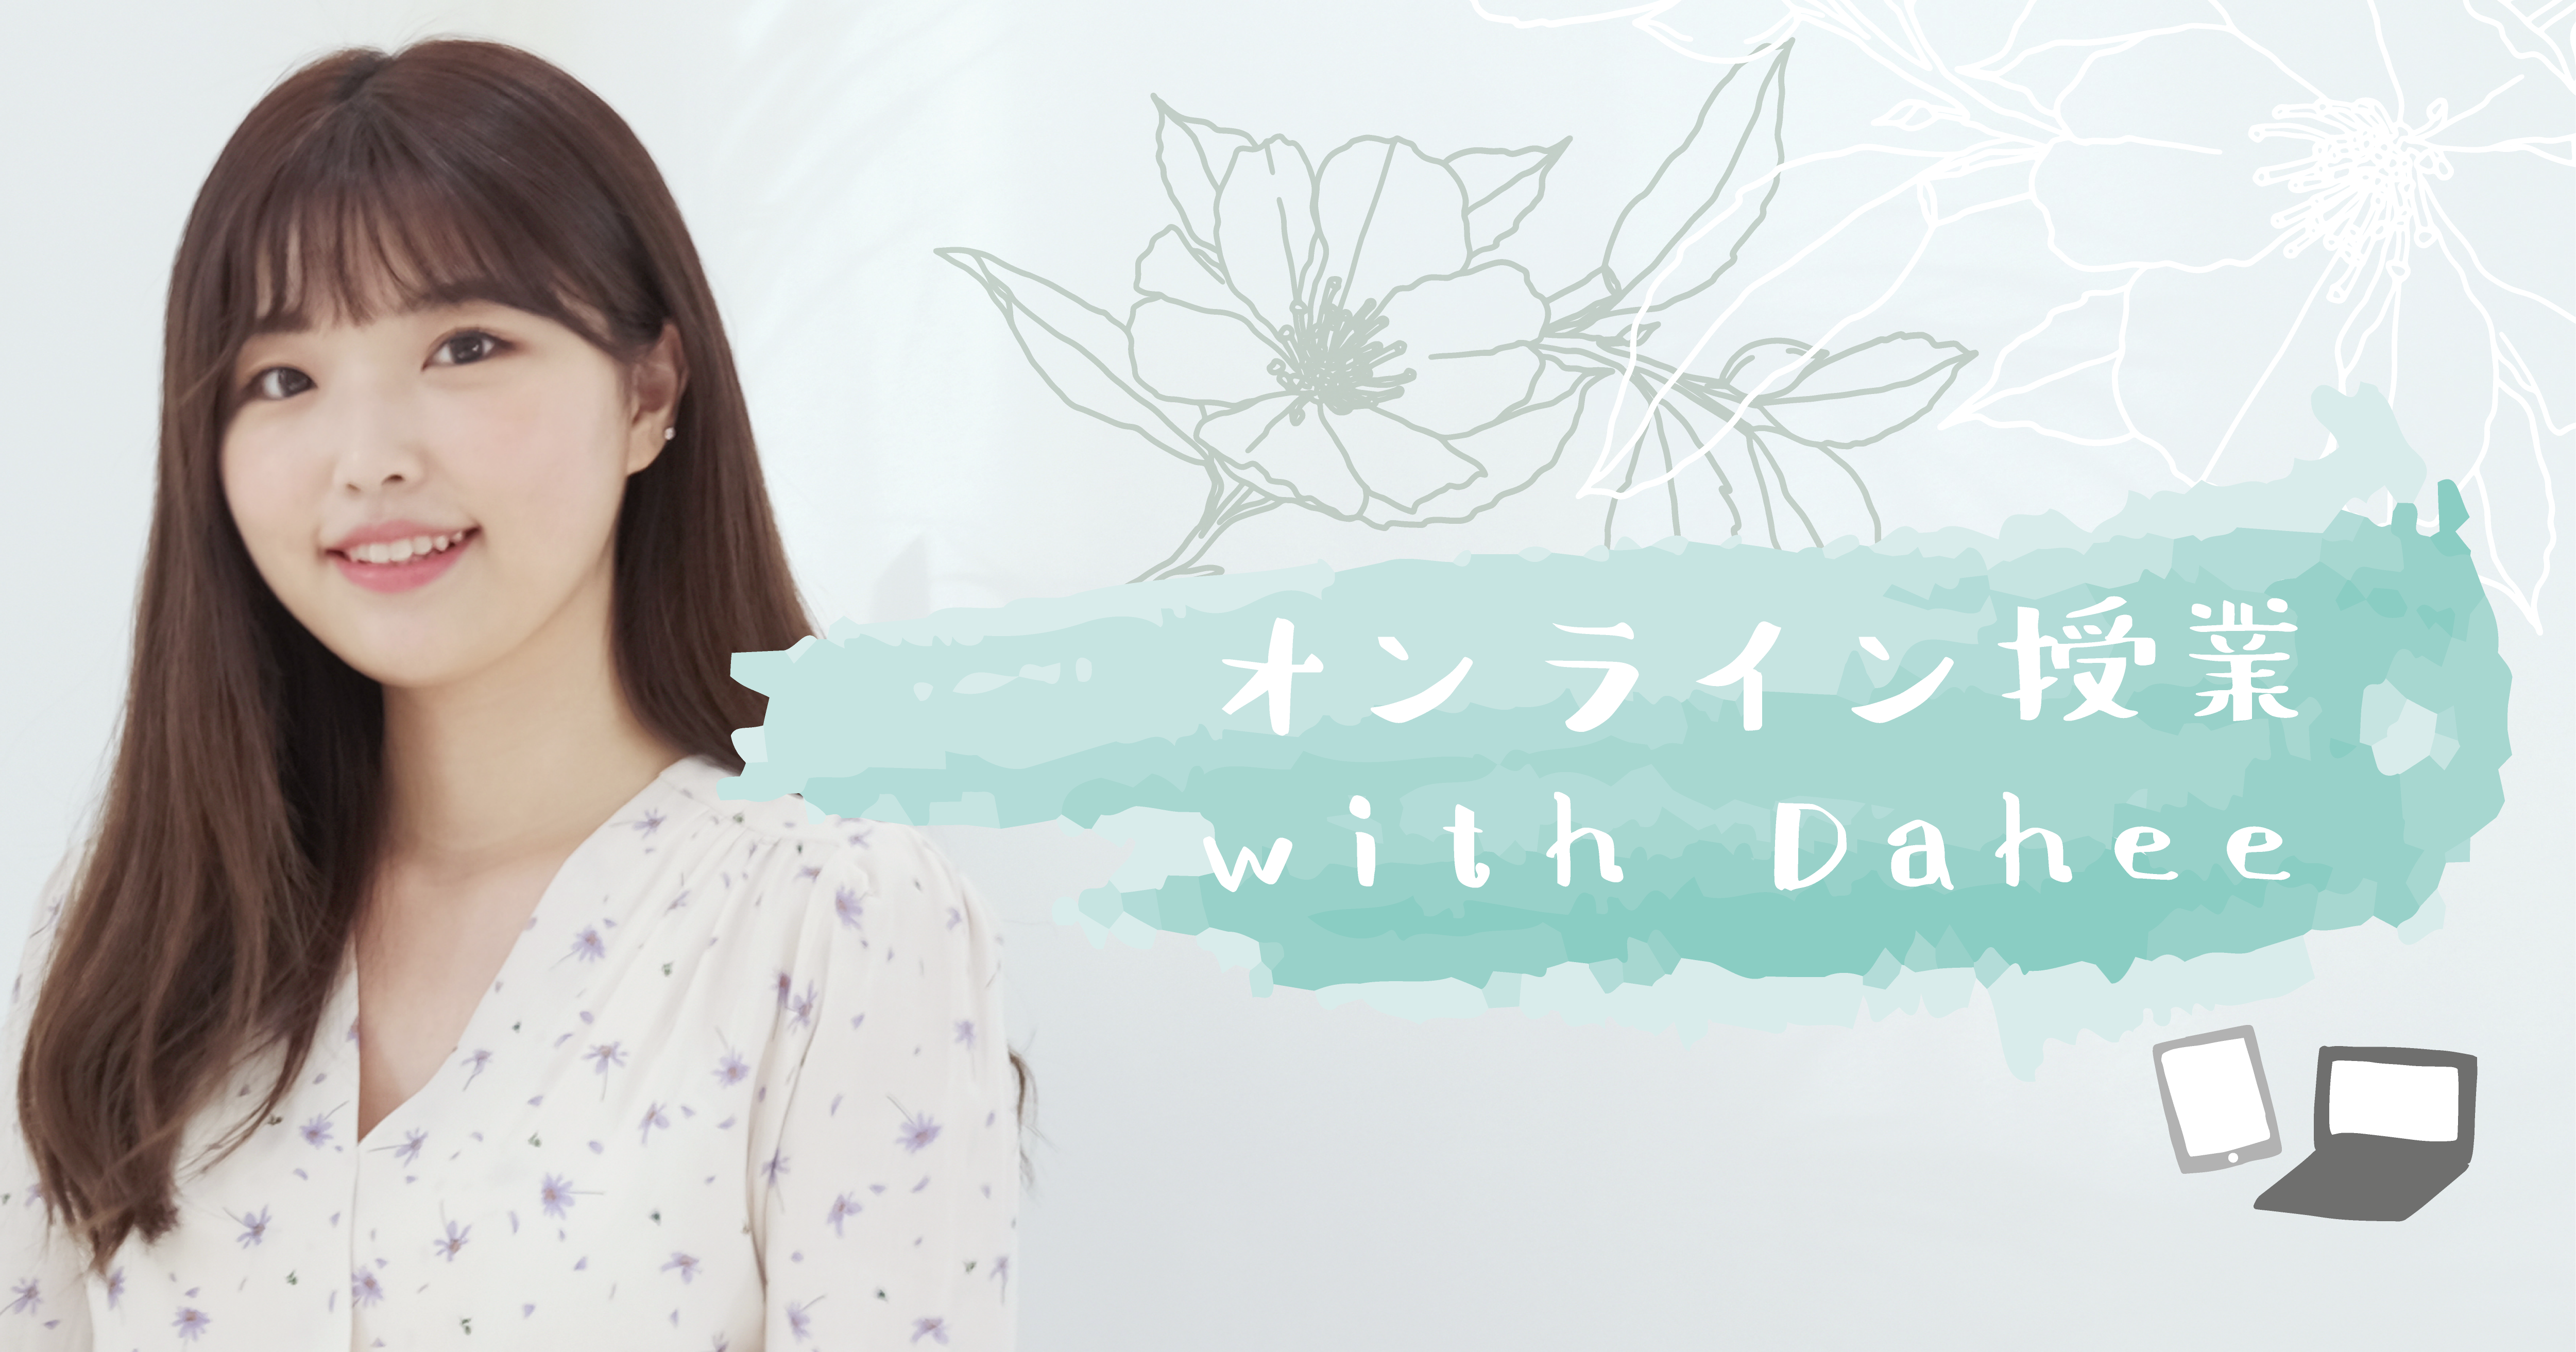 オンライン授業 with Dahee